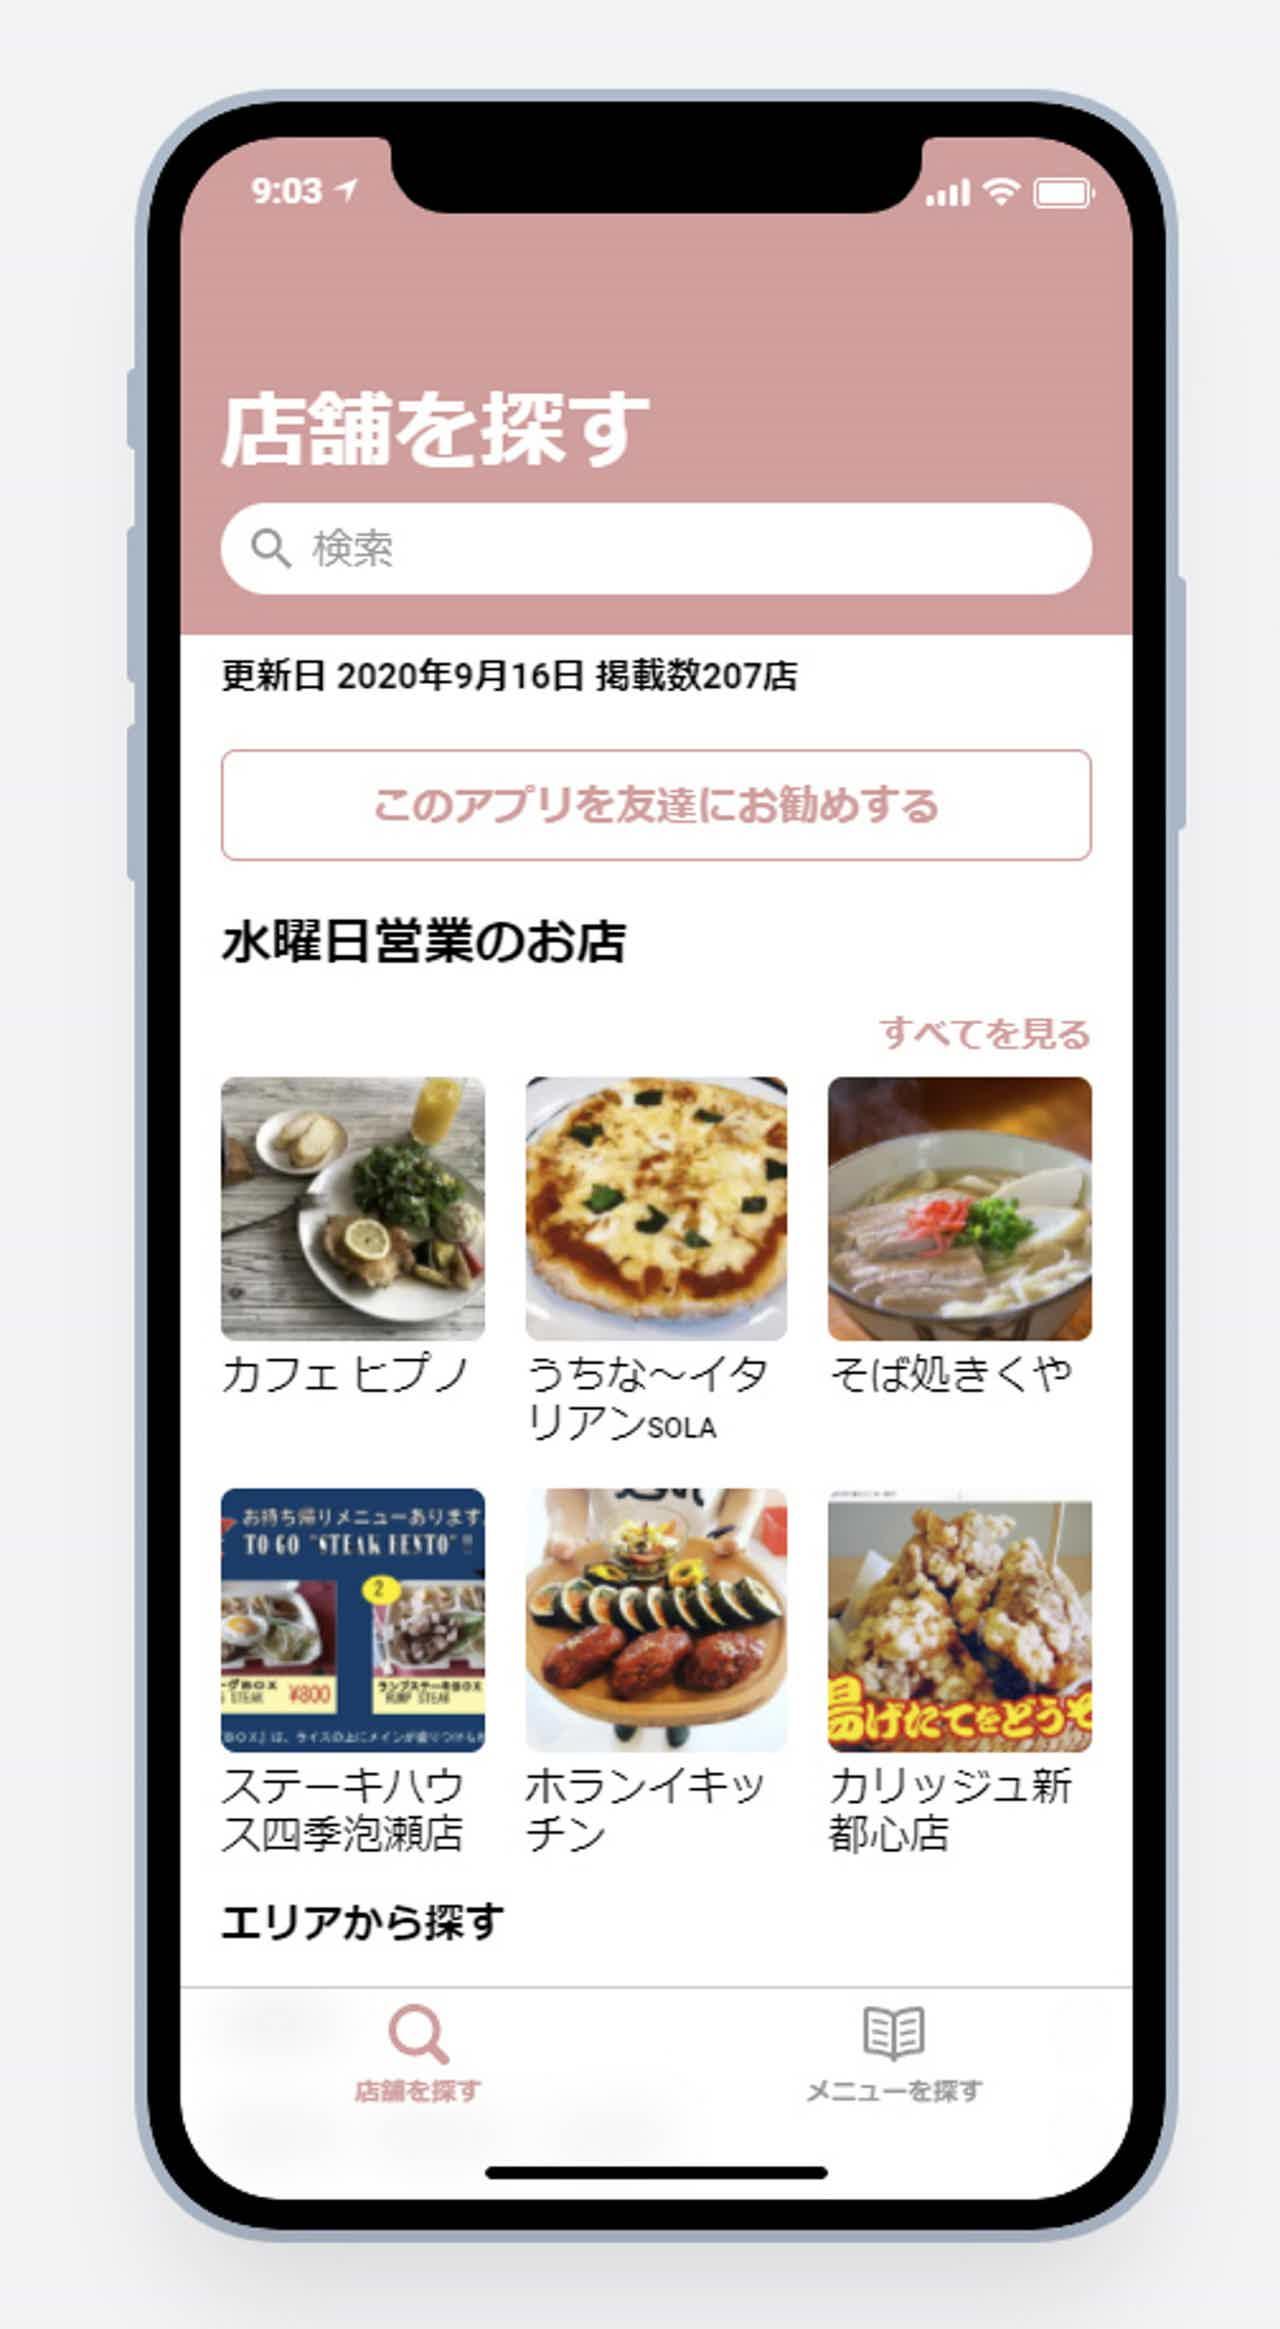 ウェブアプリ「まいにちに。おきなわ」